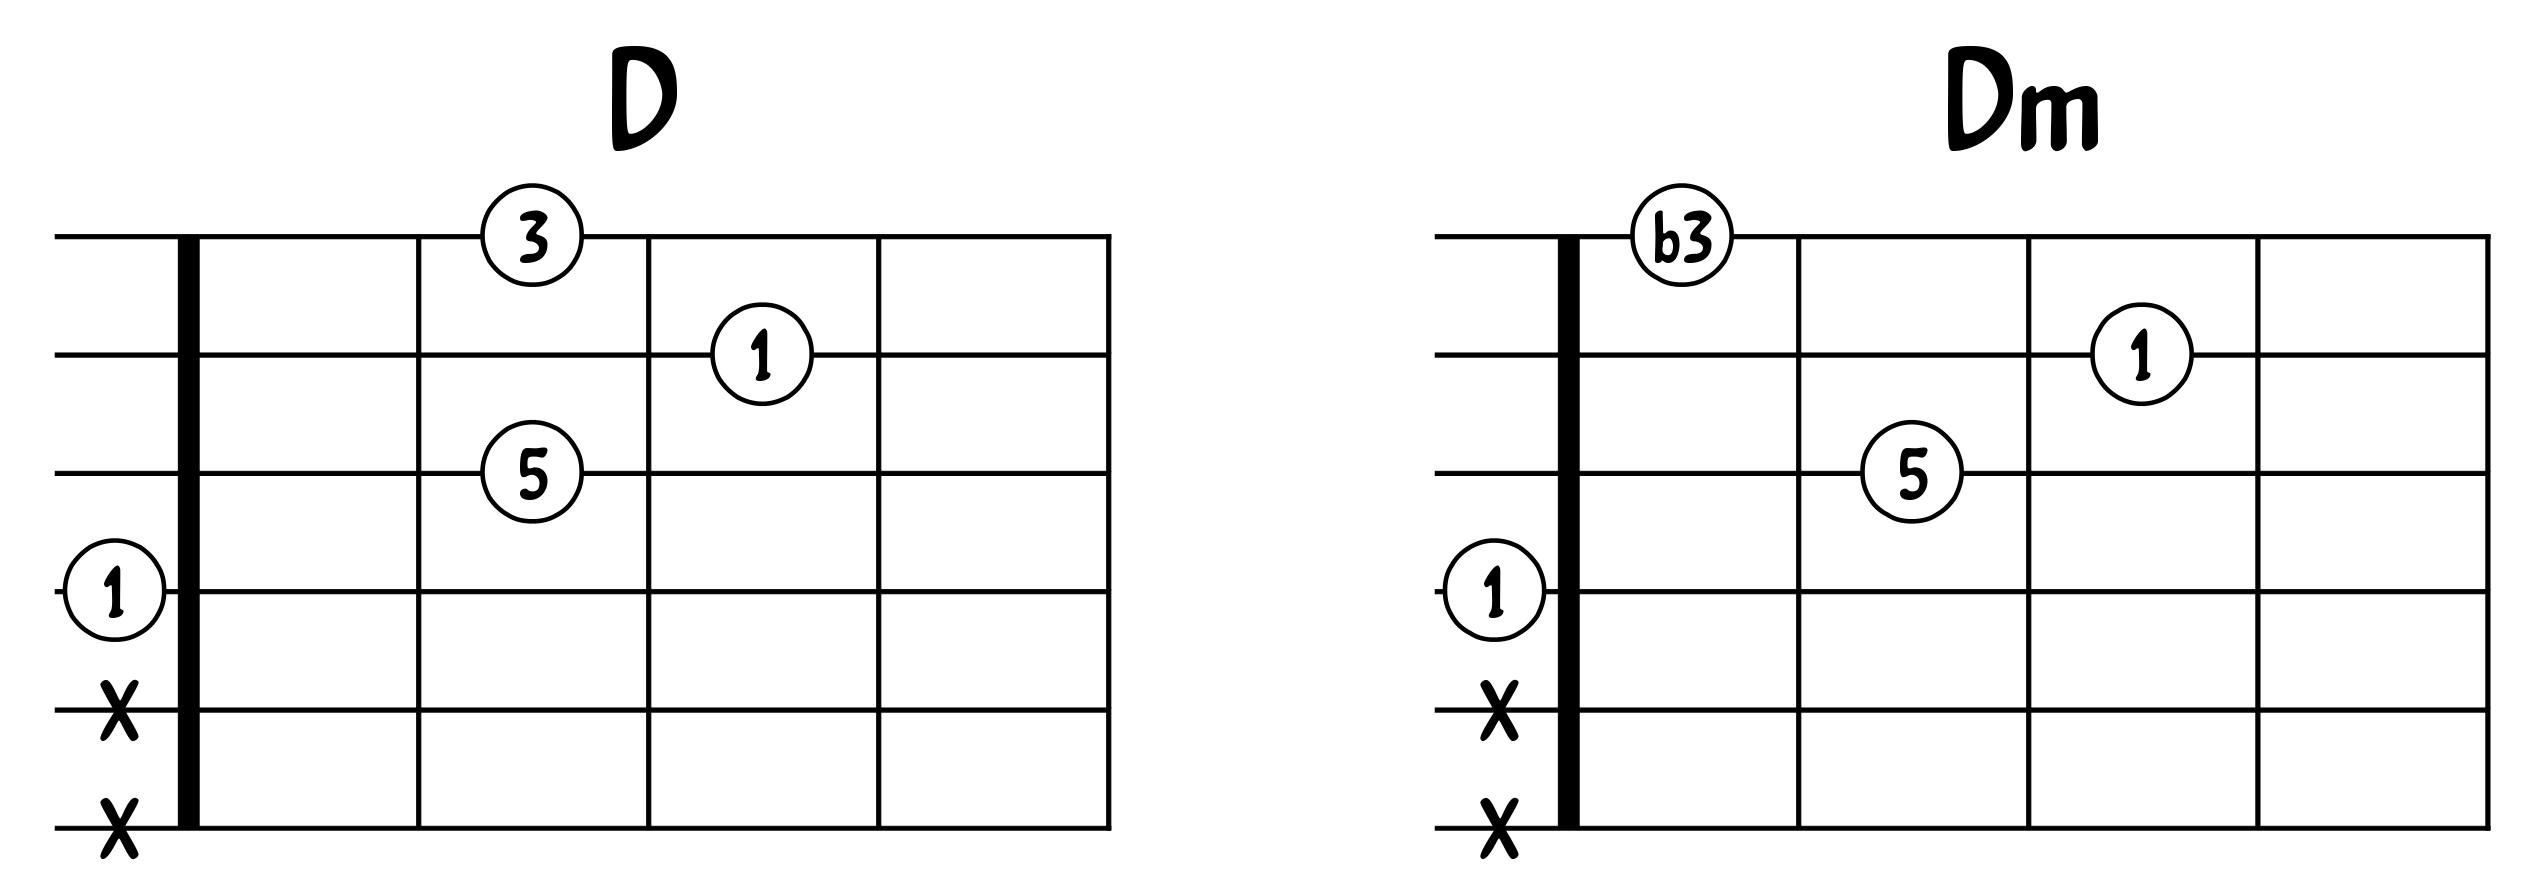 Comparaison D et Dm